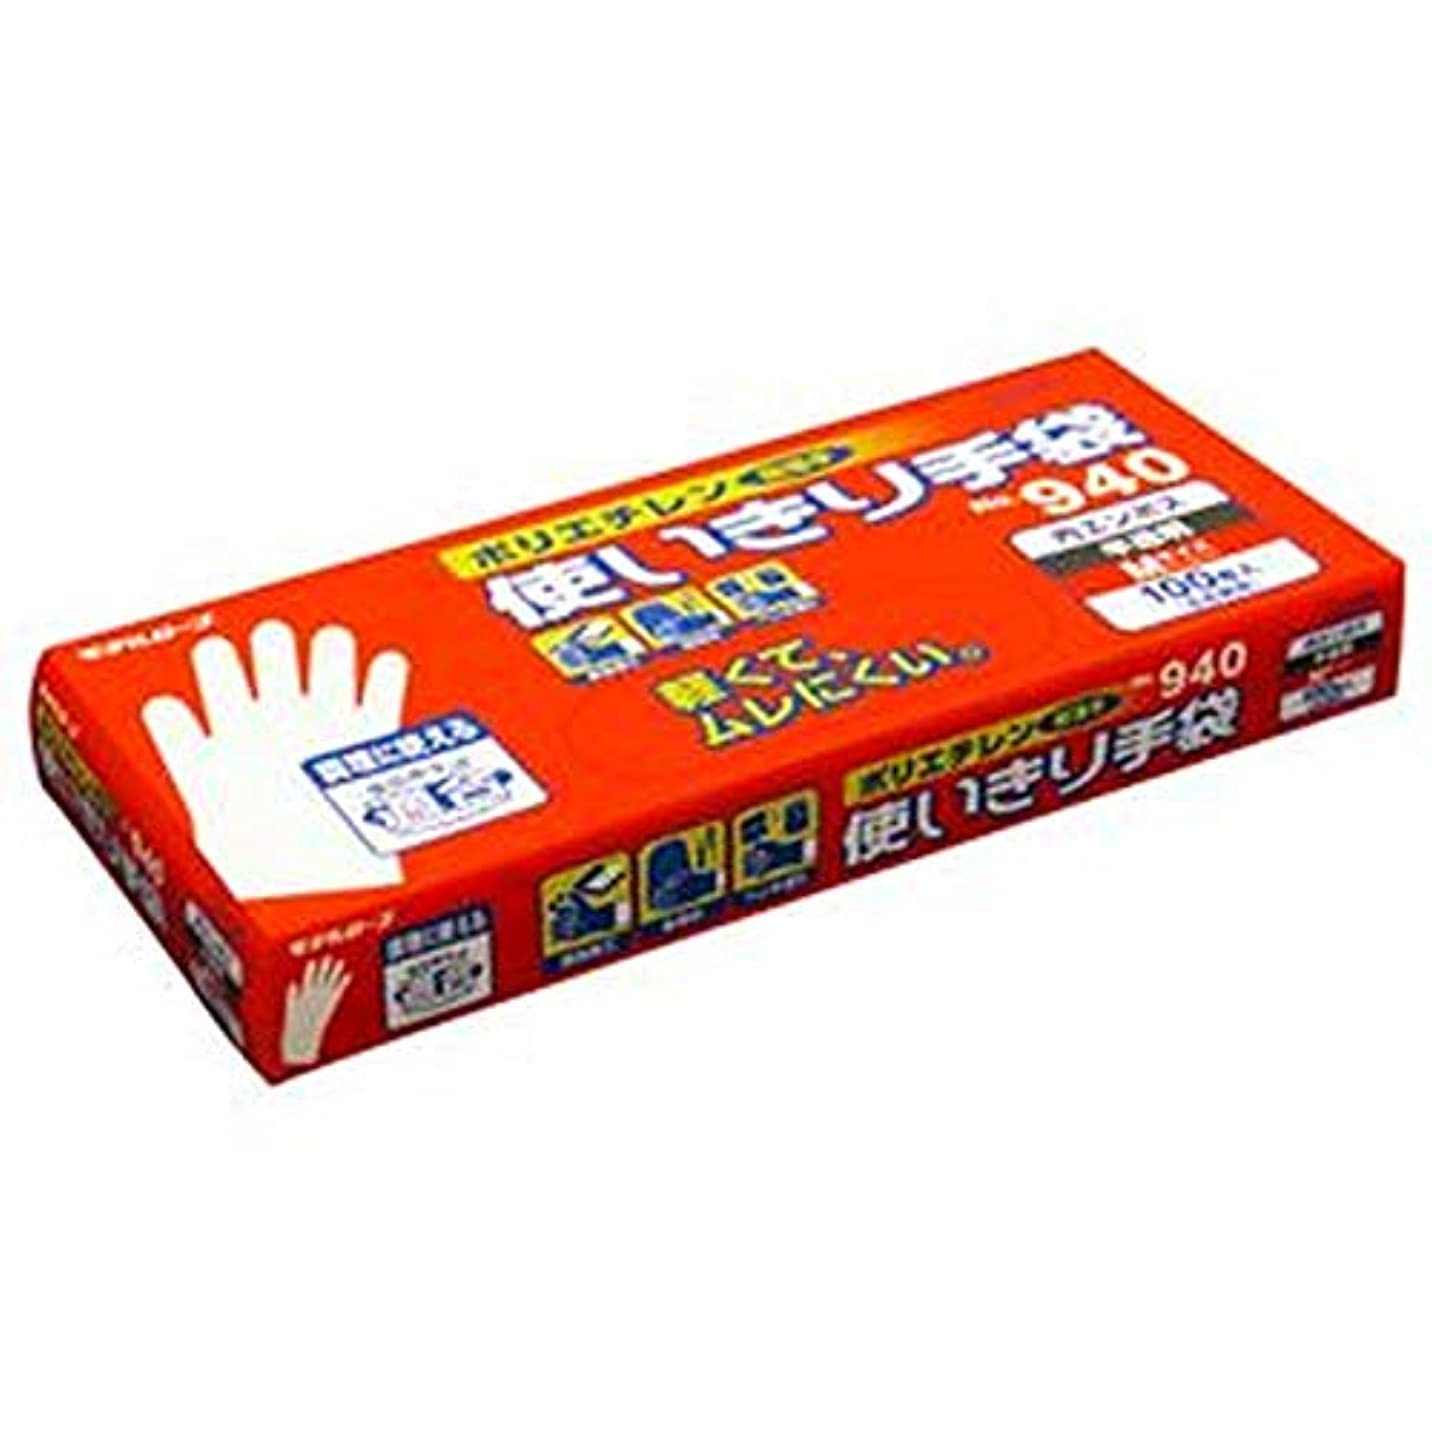 びんオフェンス解釈- まとめ - / エステー/No.940 / ポリエチレン使いきり手袋 - 内エンボス - / M / 1箱 - 100枚 - / - ×10セット -